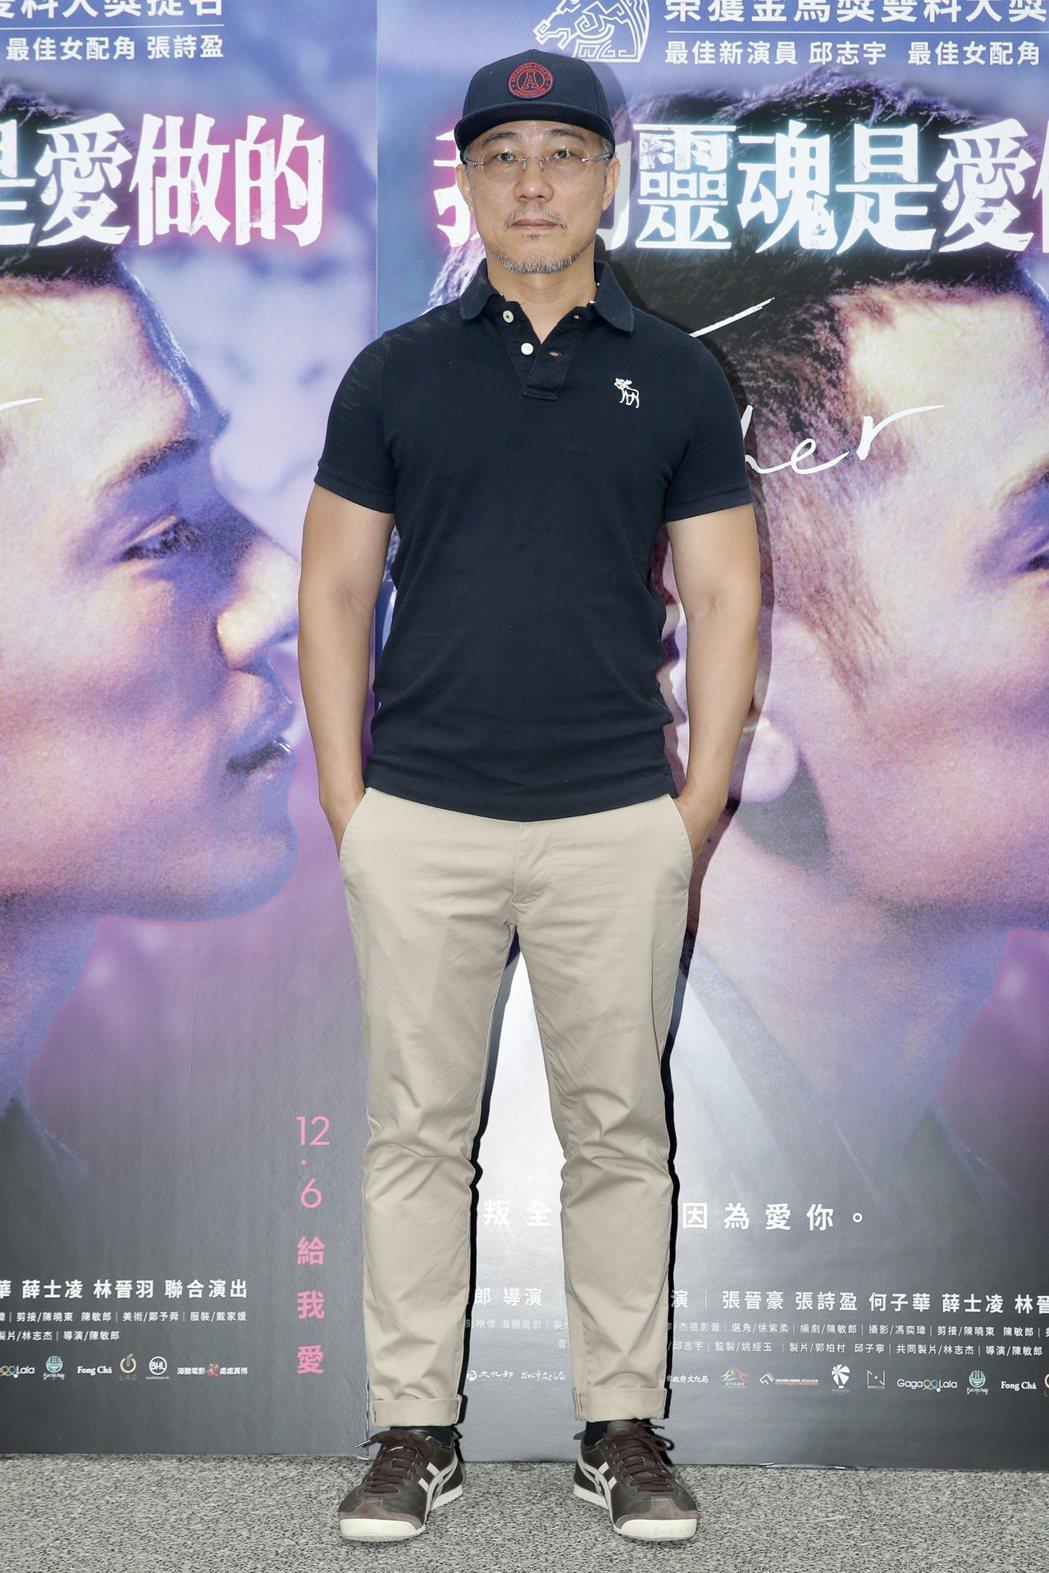 電影「我的靈魂是愛做的」導演陳敏郎。記者林伯東/攝影